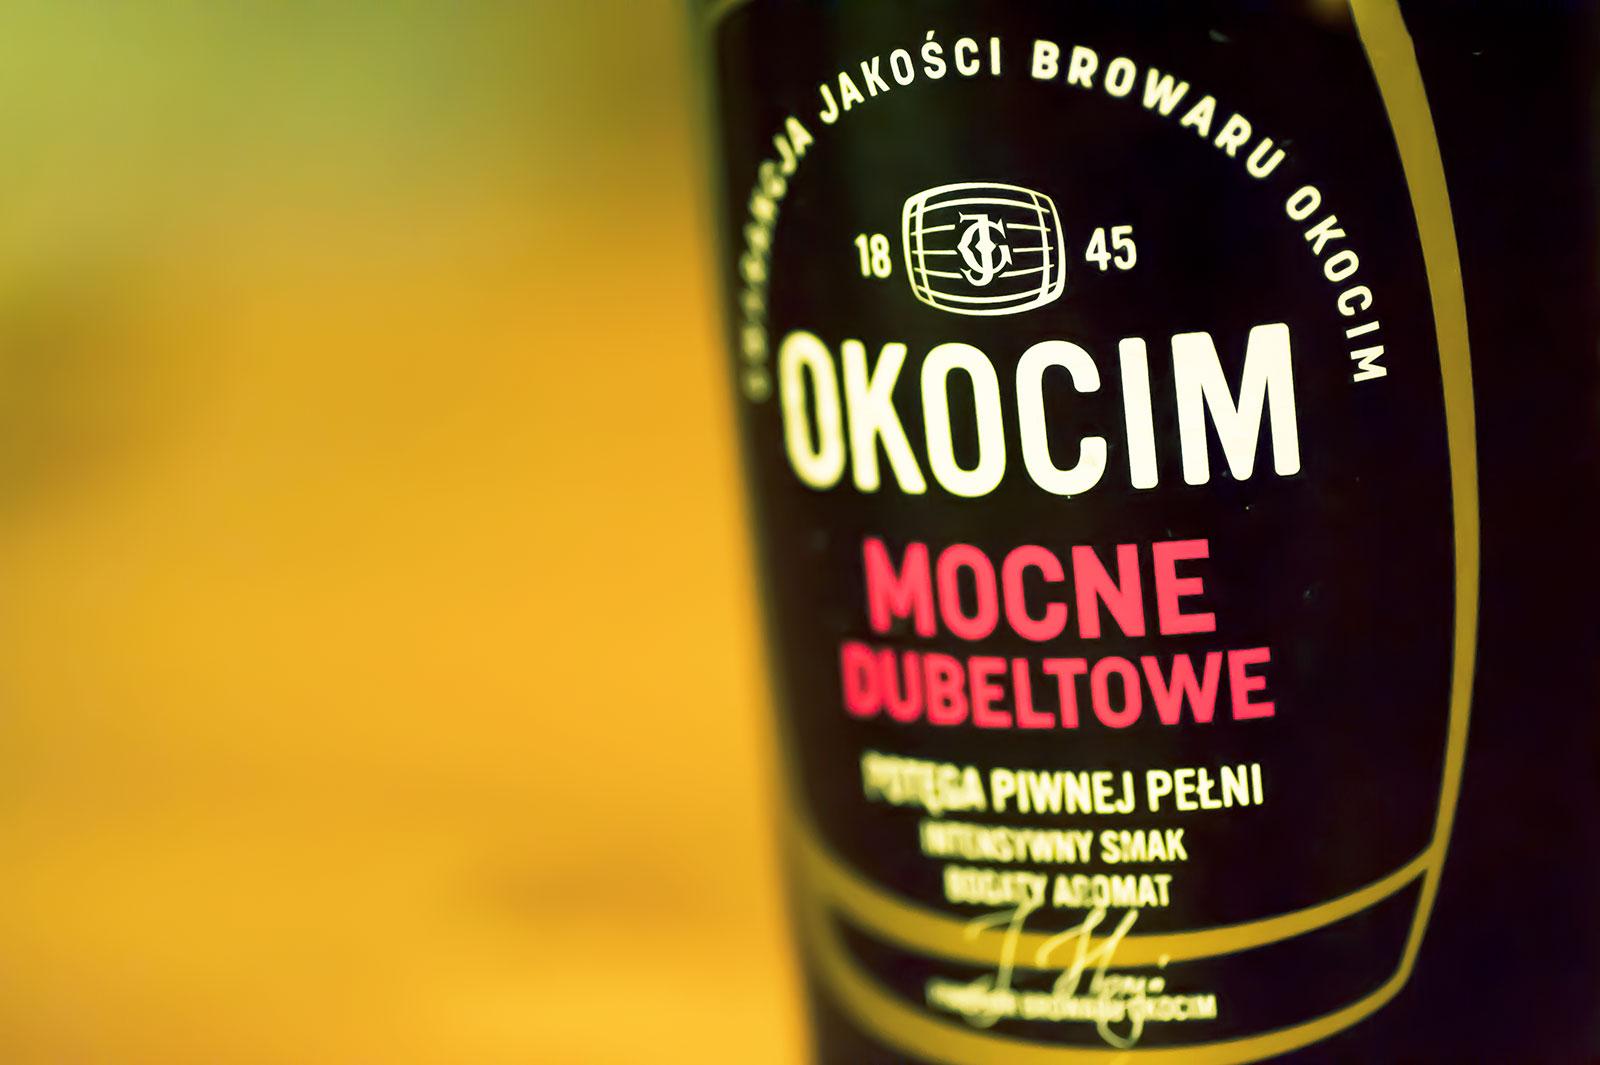 okocim-mocne-dubeltowe-piwo-polskie-2